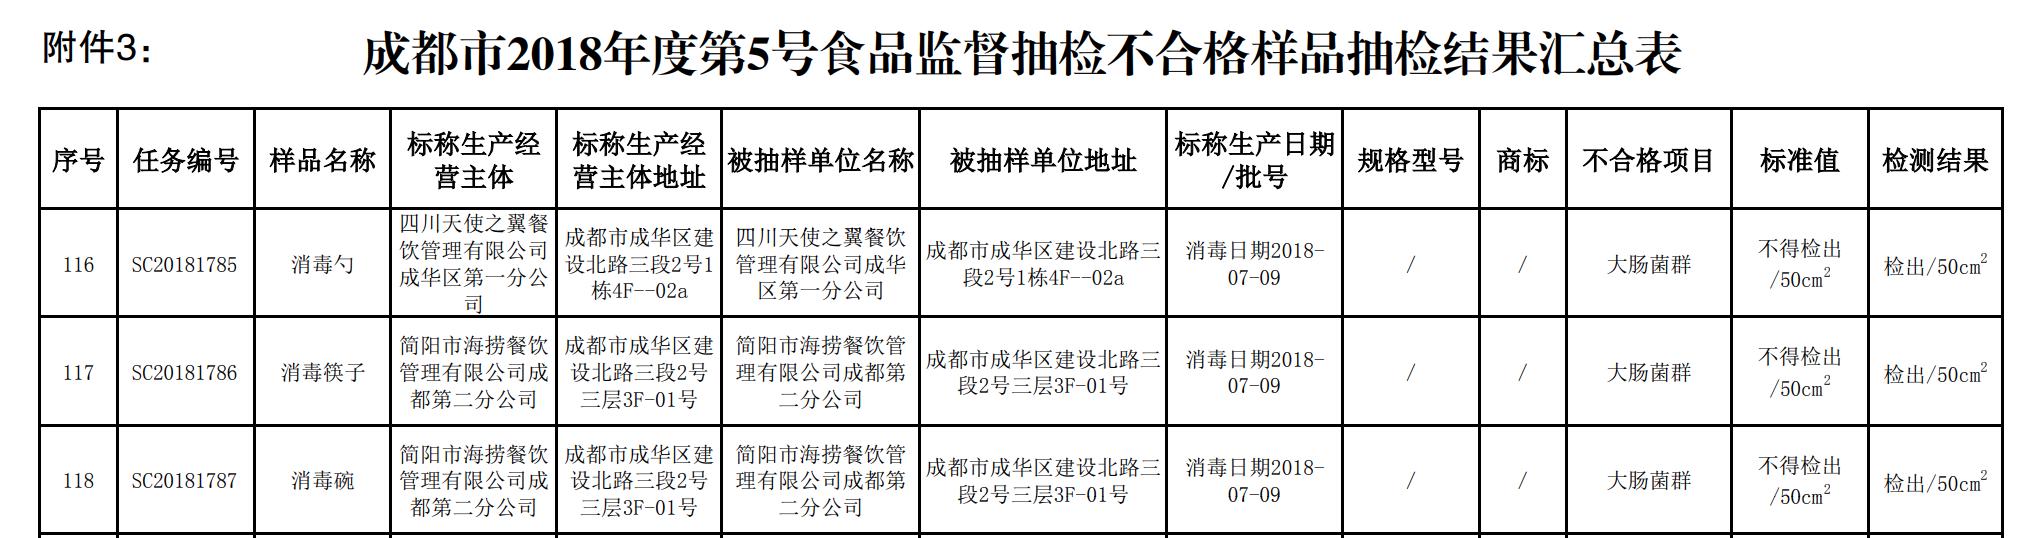 成都市食药监局近日发布的食安抽检通报中的汇总表。 图片来源/通报截图